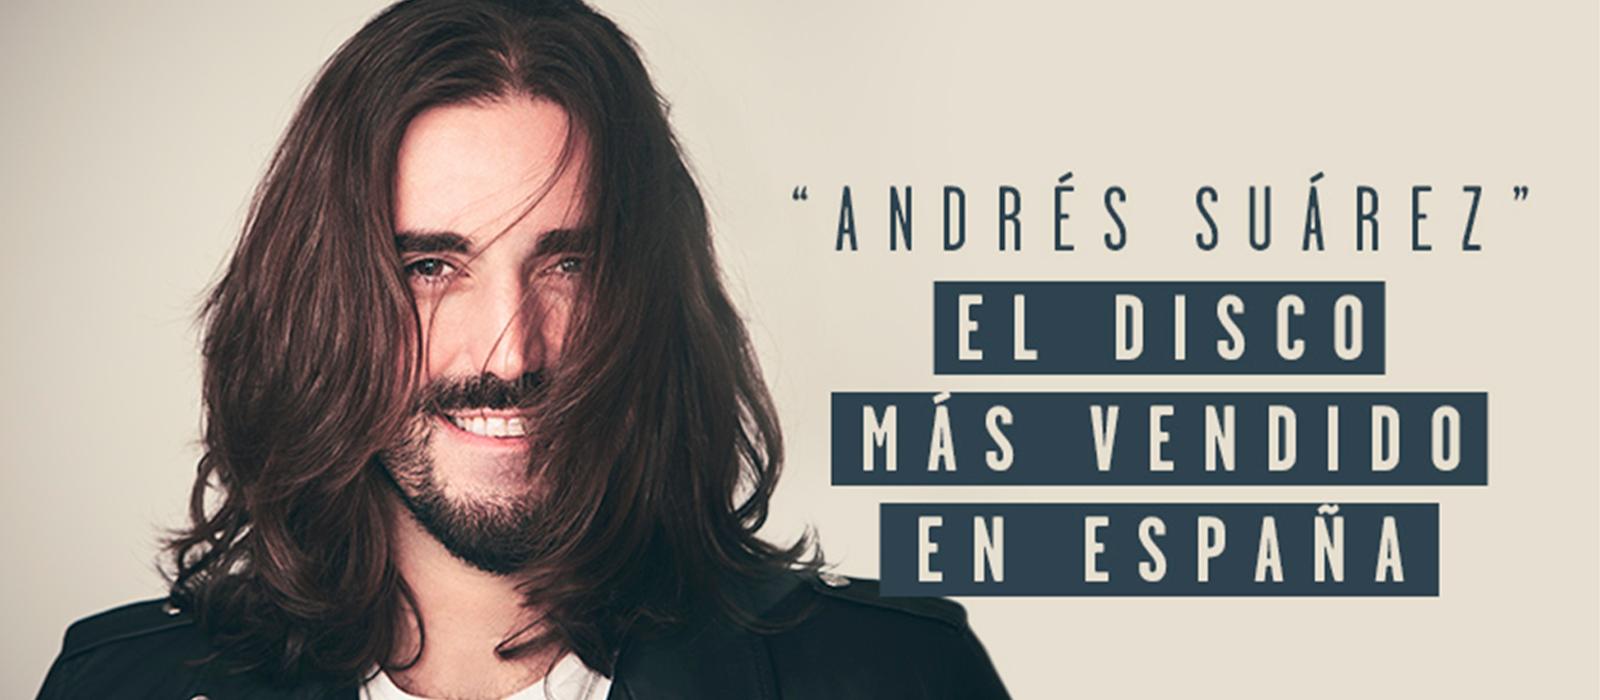 """""""Andrés Suárez"""" el disco más vendido en España"""